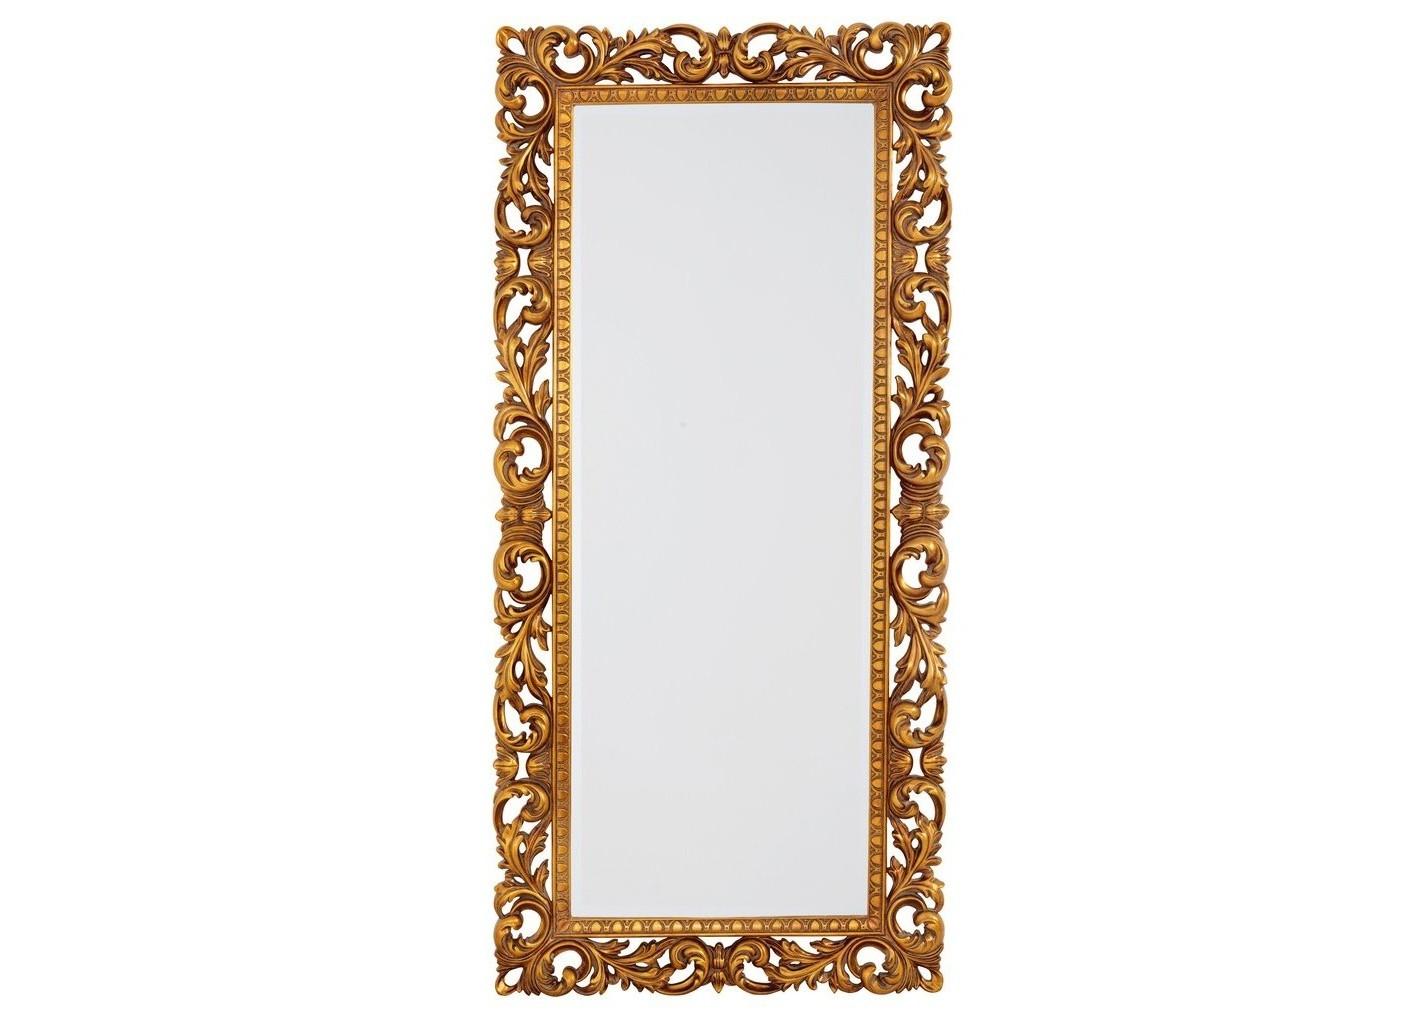 Зеркало КингстонНастенные зеркала<br>Интерьерное зеркало без фацета.&amp;amp;nbsp;&amp;lt;div&amp;gt;Крепления входят в стоимость.&amp;lt;/div&amp;gt;<br><br>Material: Пластик<br>Width см: 90<br>Depth см: 5<br>Height см: 188